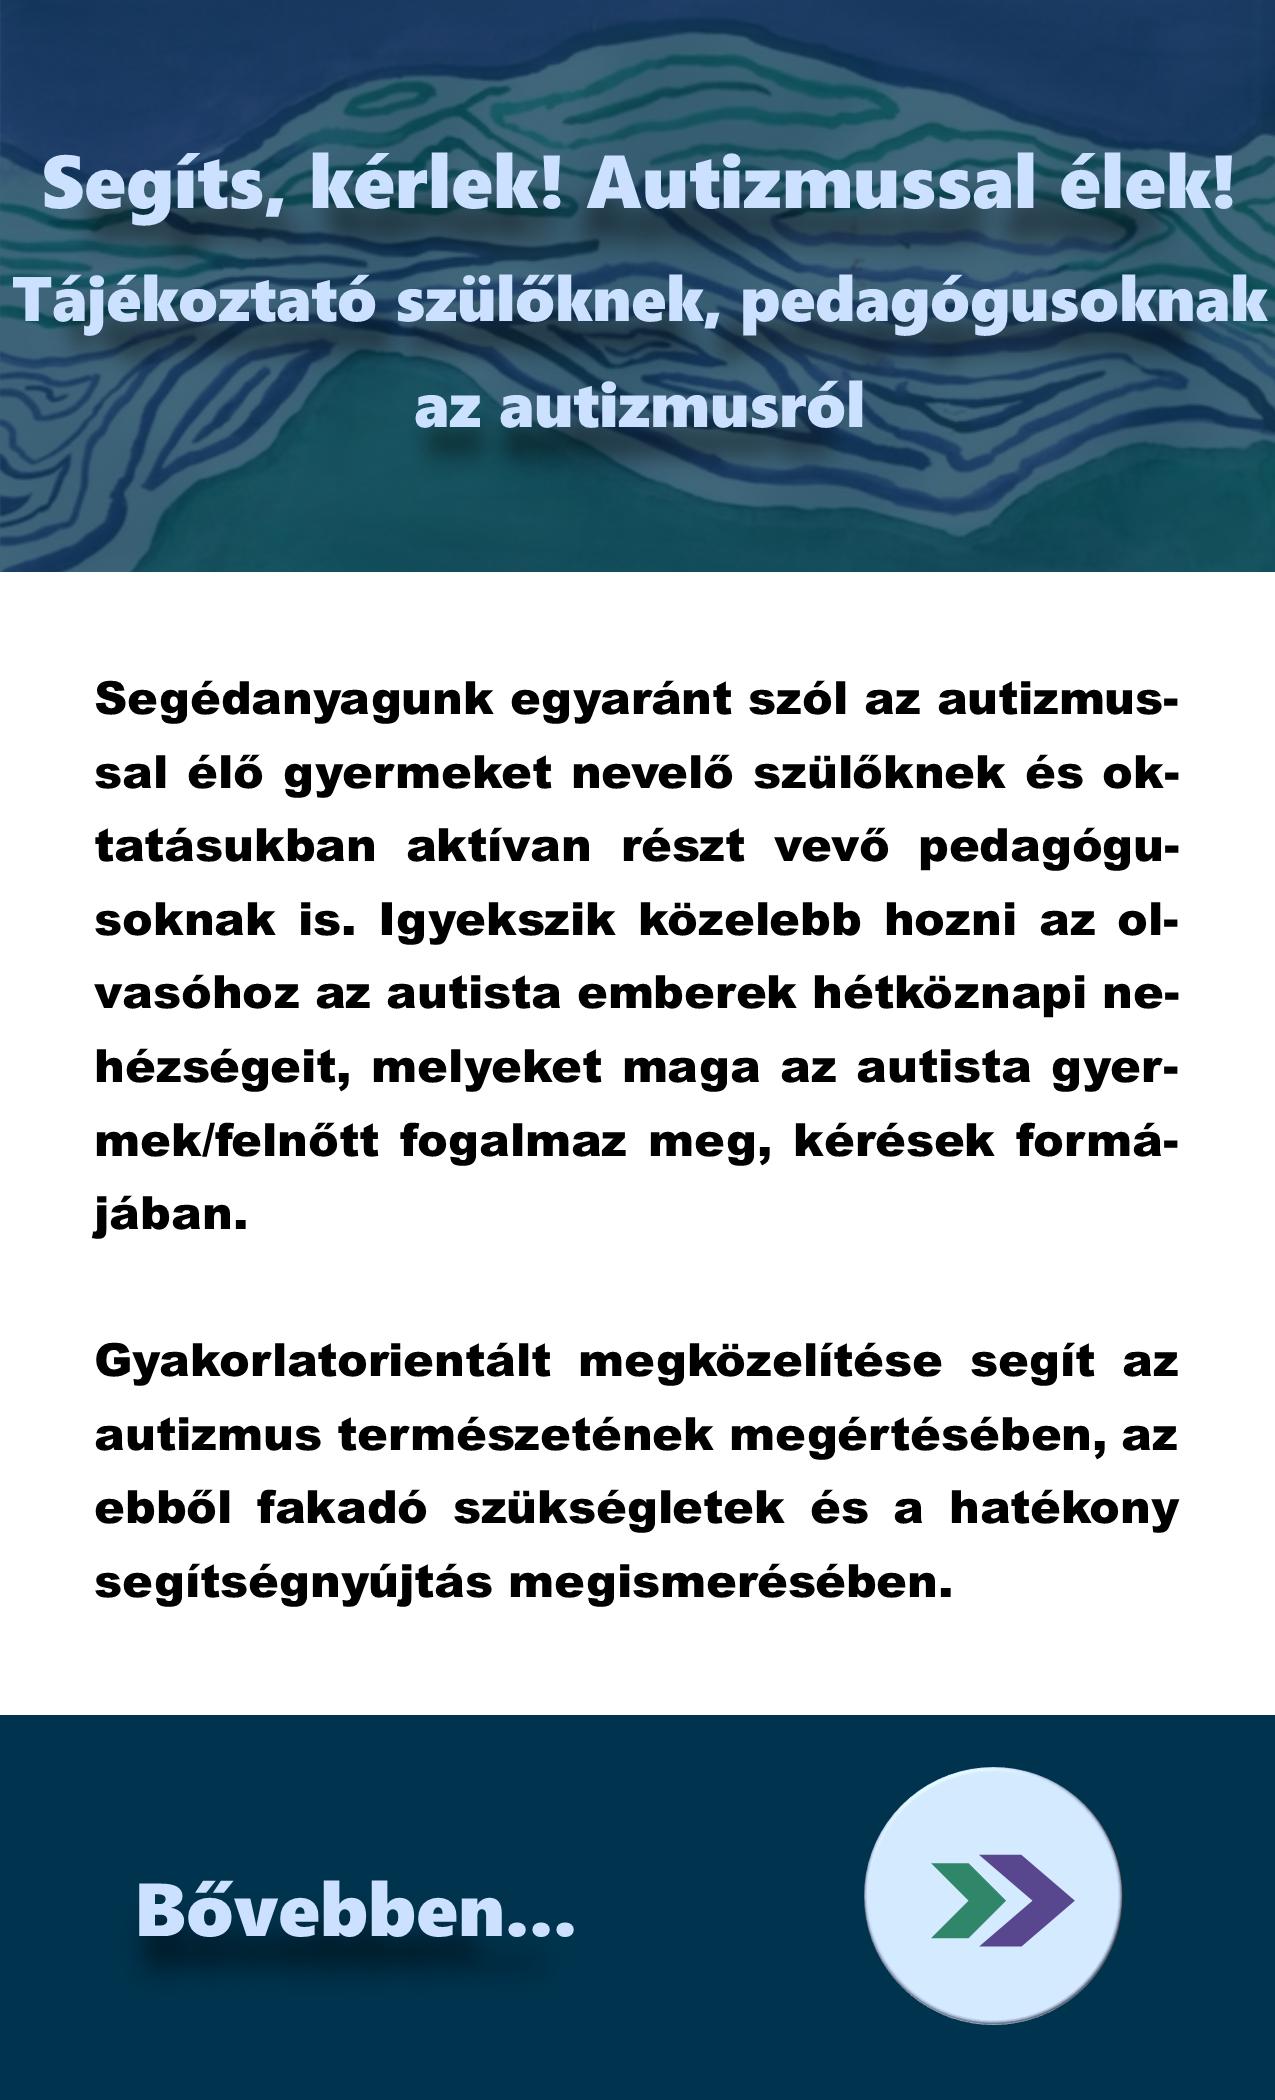 Webhelyhez_auti_szlknek